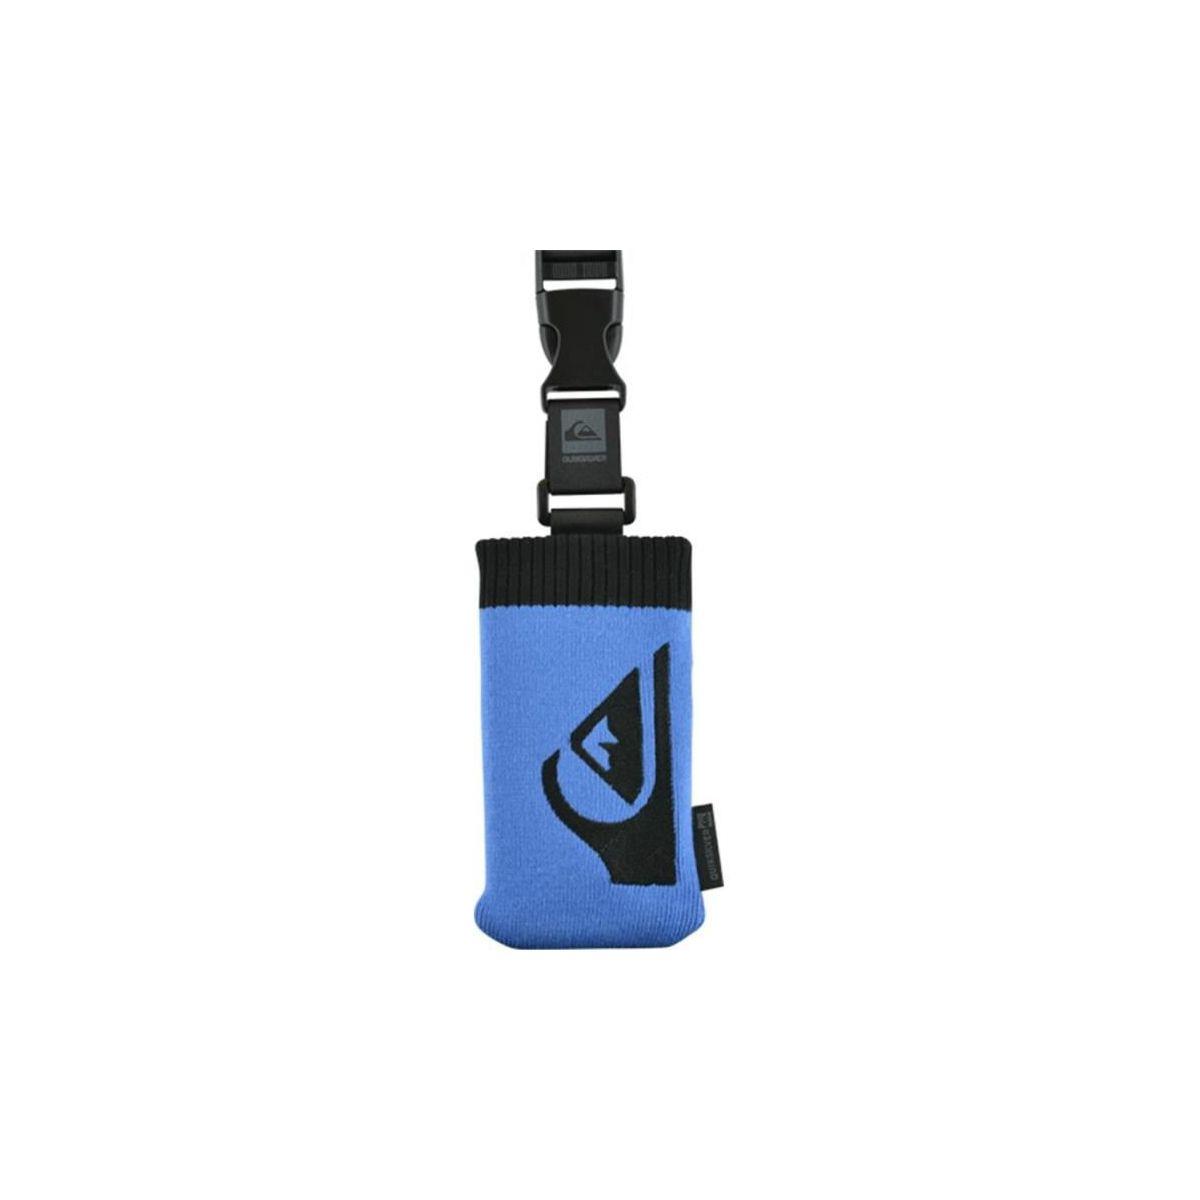 Chaussette quiksilver bleue logo (photo)